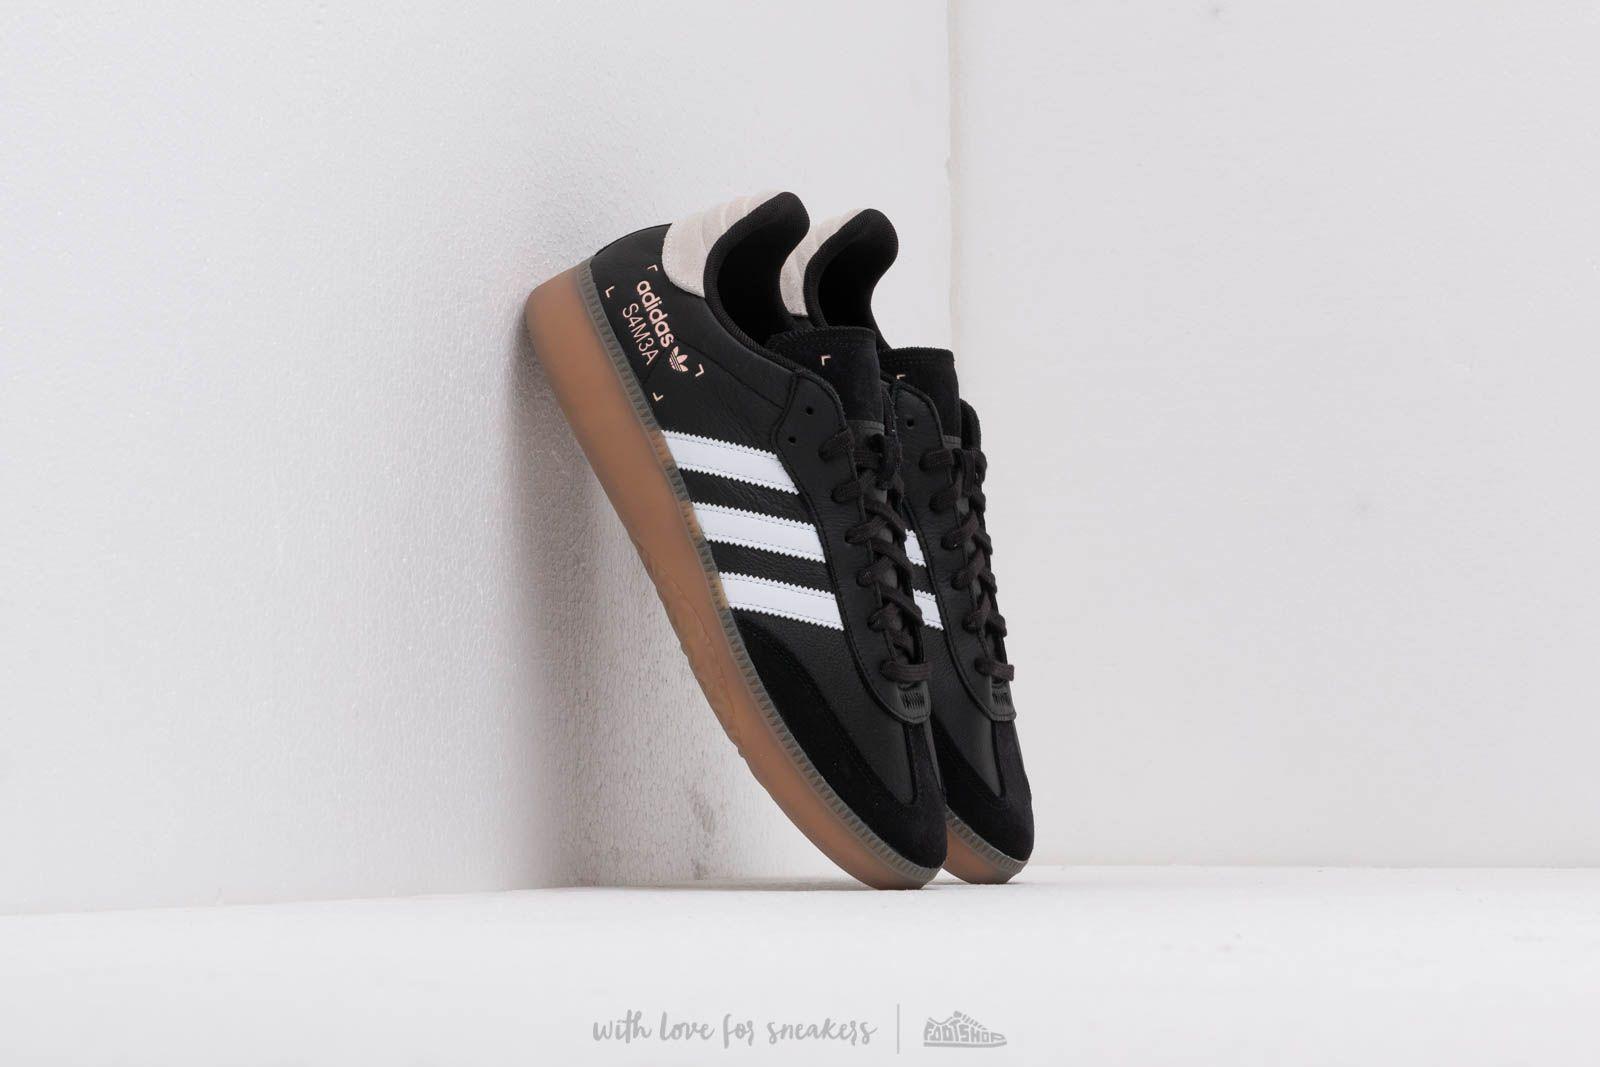 adidas Samba Rm Core Black/ Ftw White/ Cleora za skvelú cenu 125 € kúpite na Footshop.sk